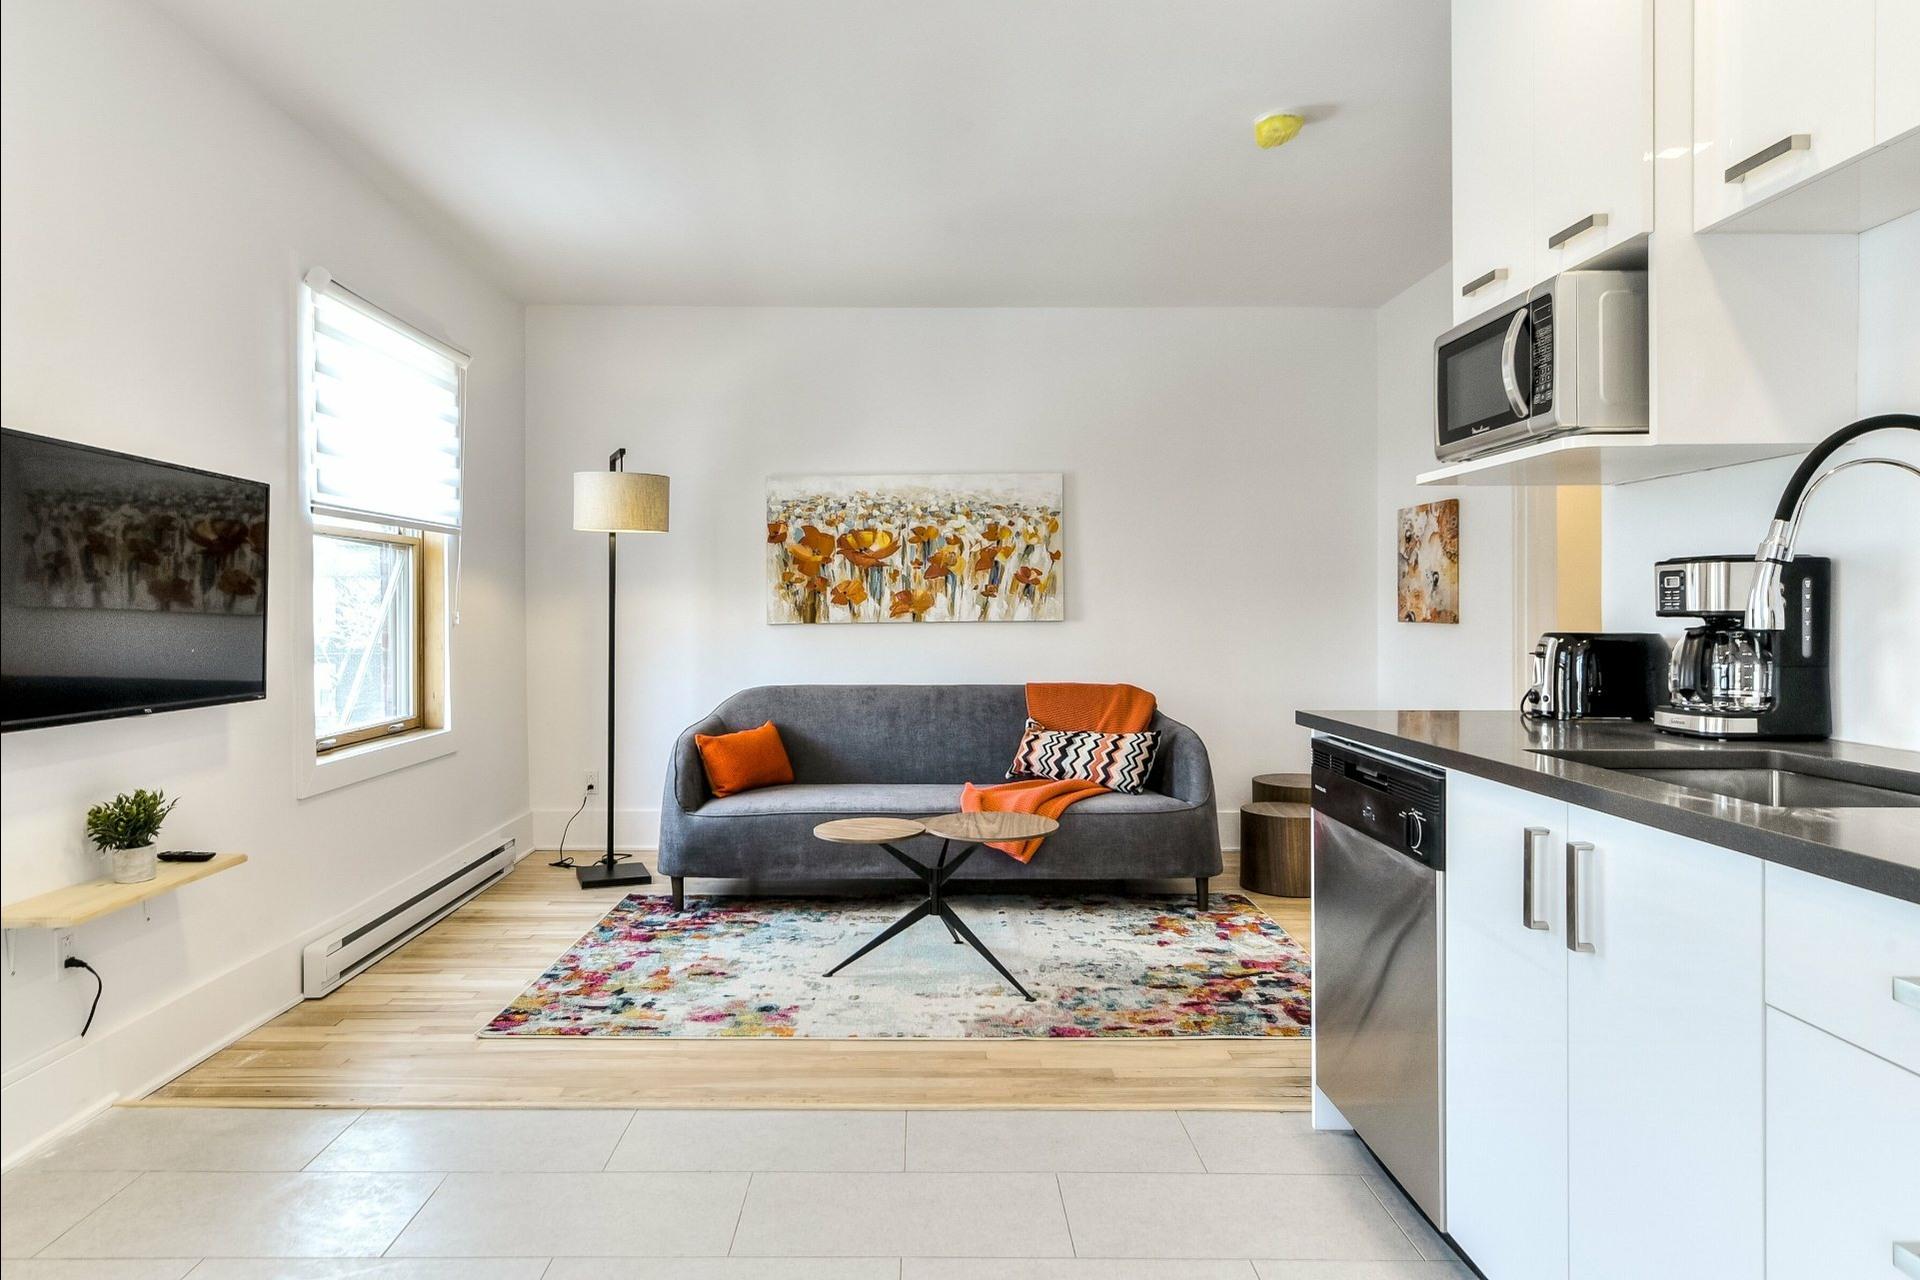 image 0 - Immeuble à revenus À vendre Montréal Villeray/Saint-Michel/Parc-Extension  - 3 pièces